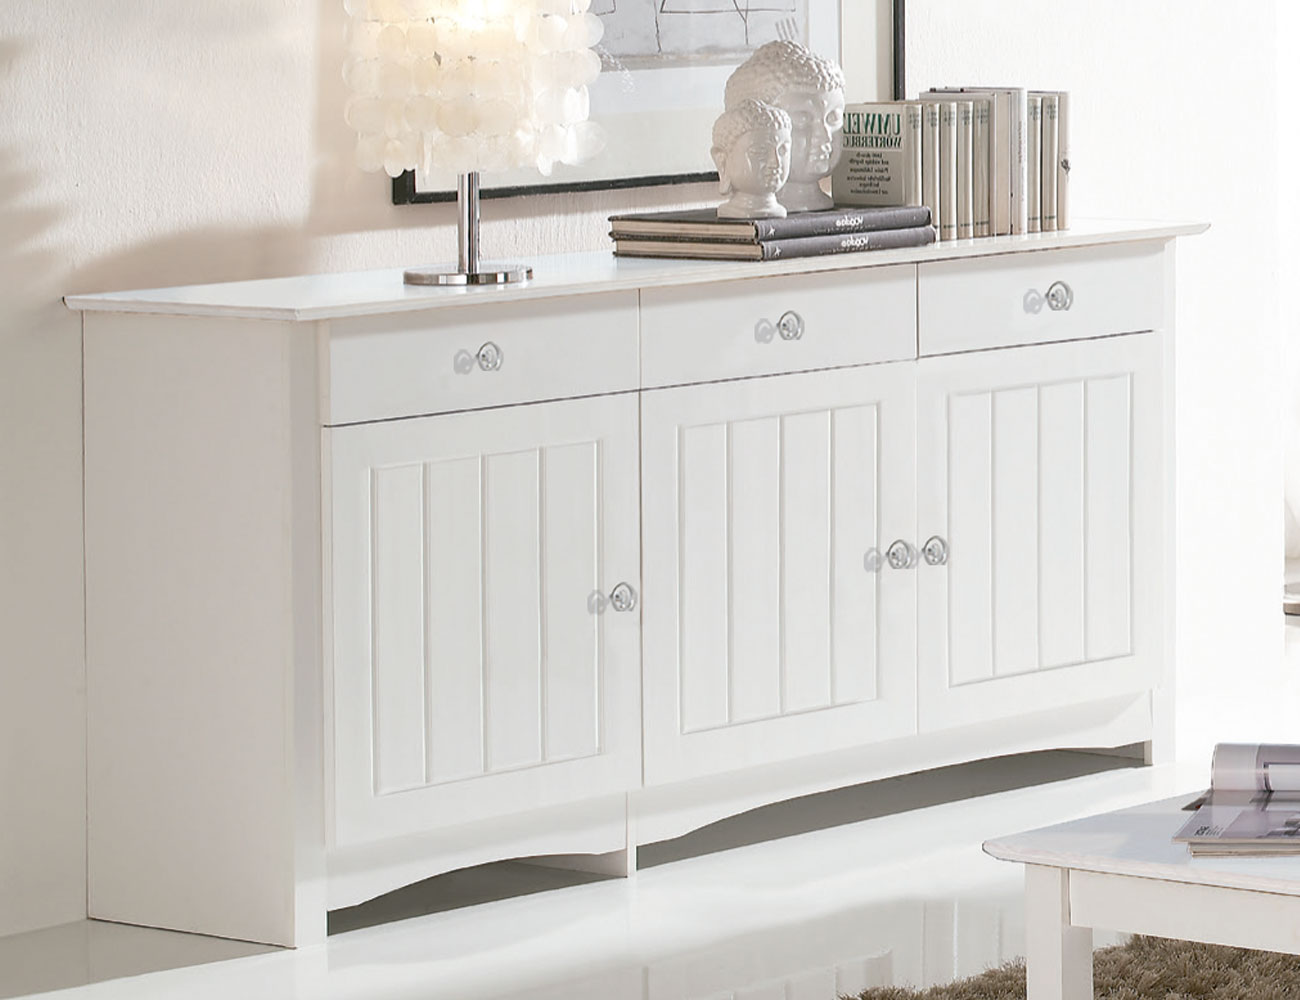 Mueble aparador 3 puertas 3 cajones en madera color blanco lacado 8069 factory del mueble - Factory del mueble utrera ...